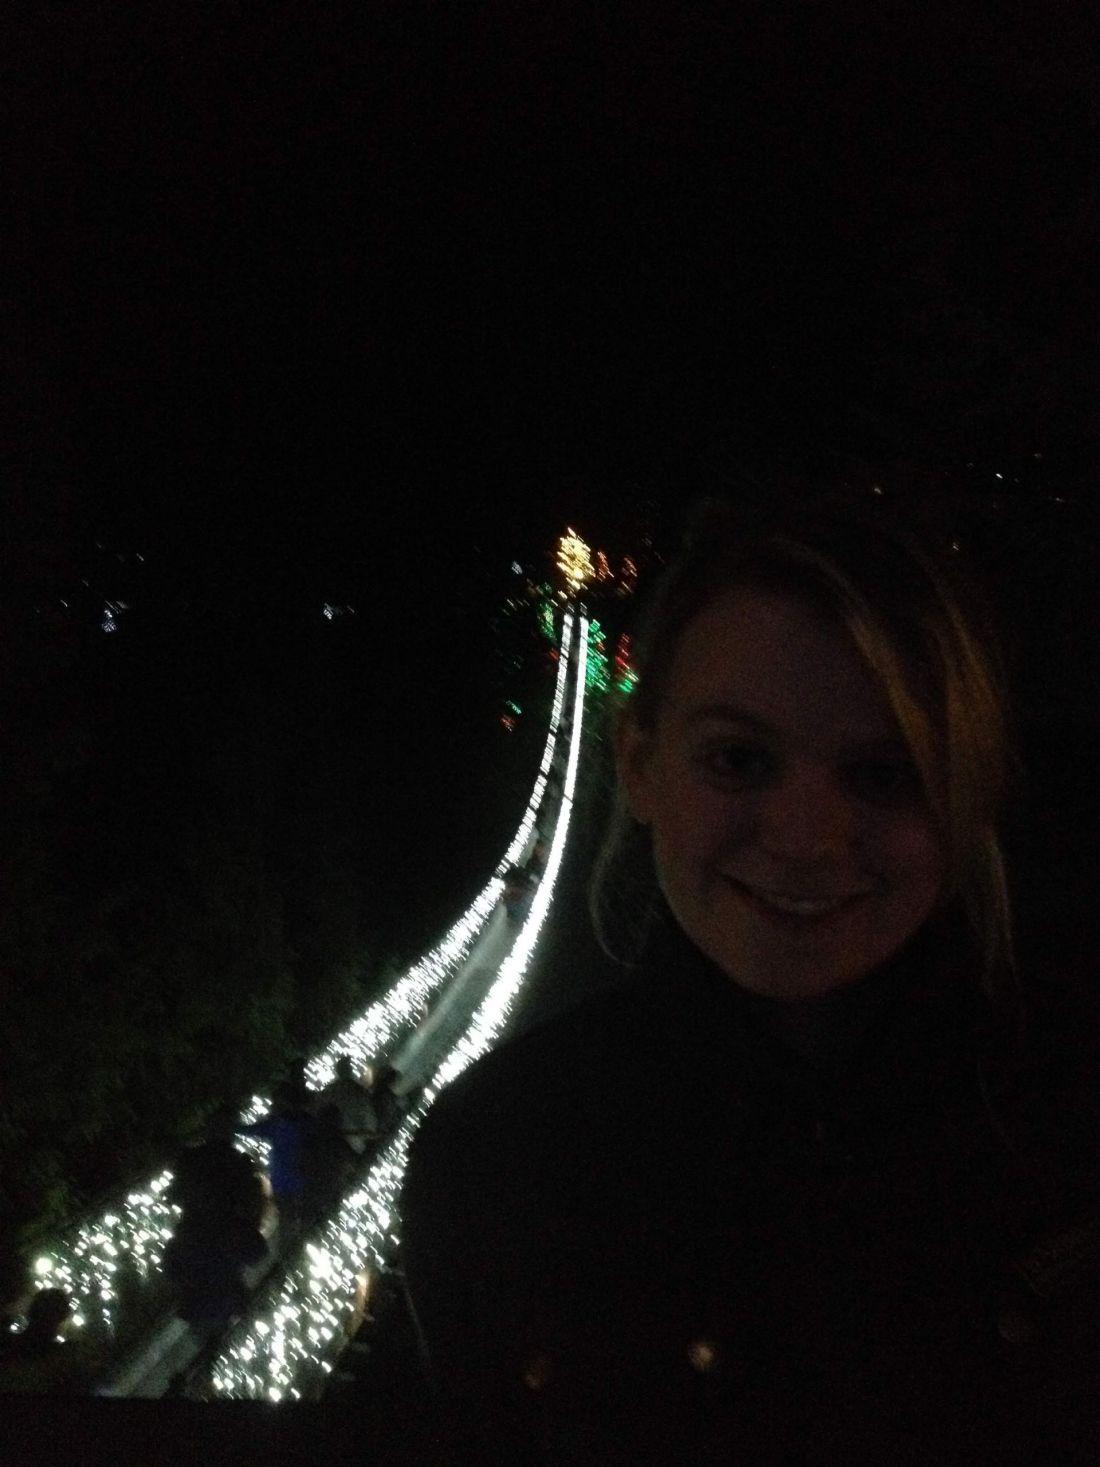 Capilano Suspension Bridge at Christmas